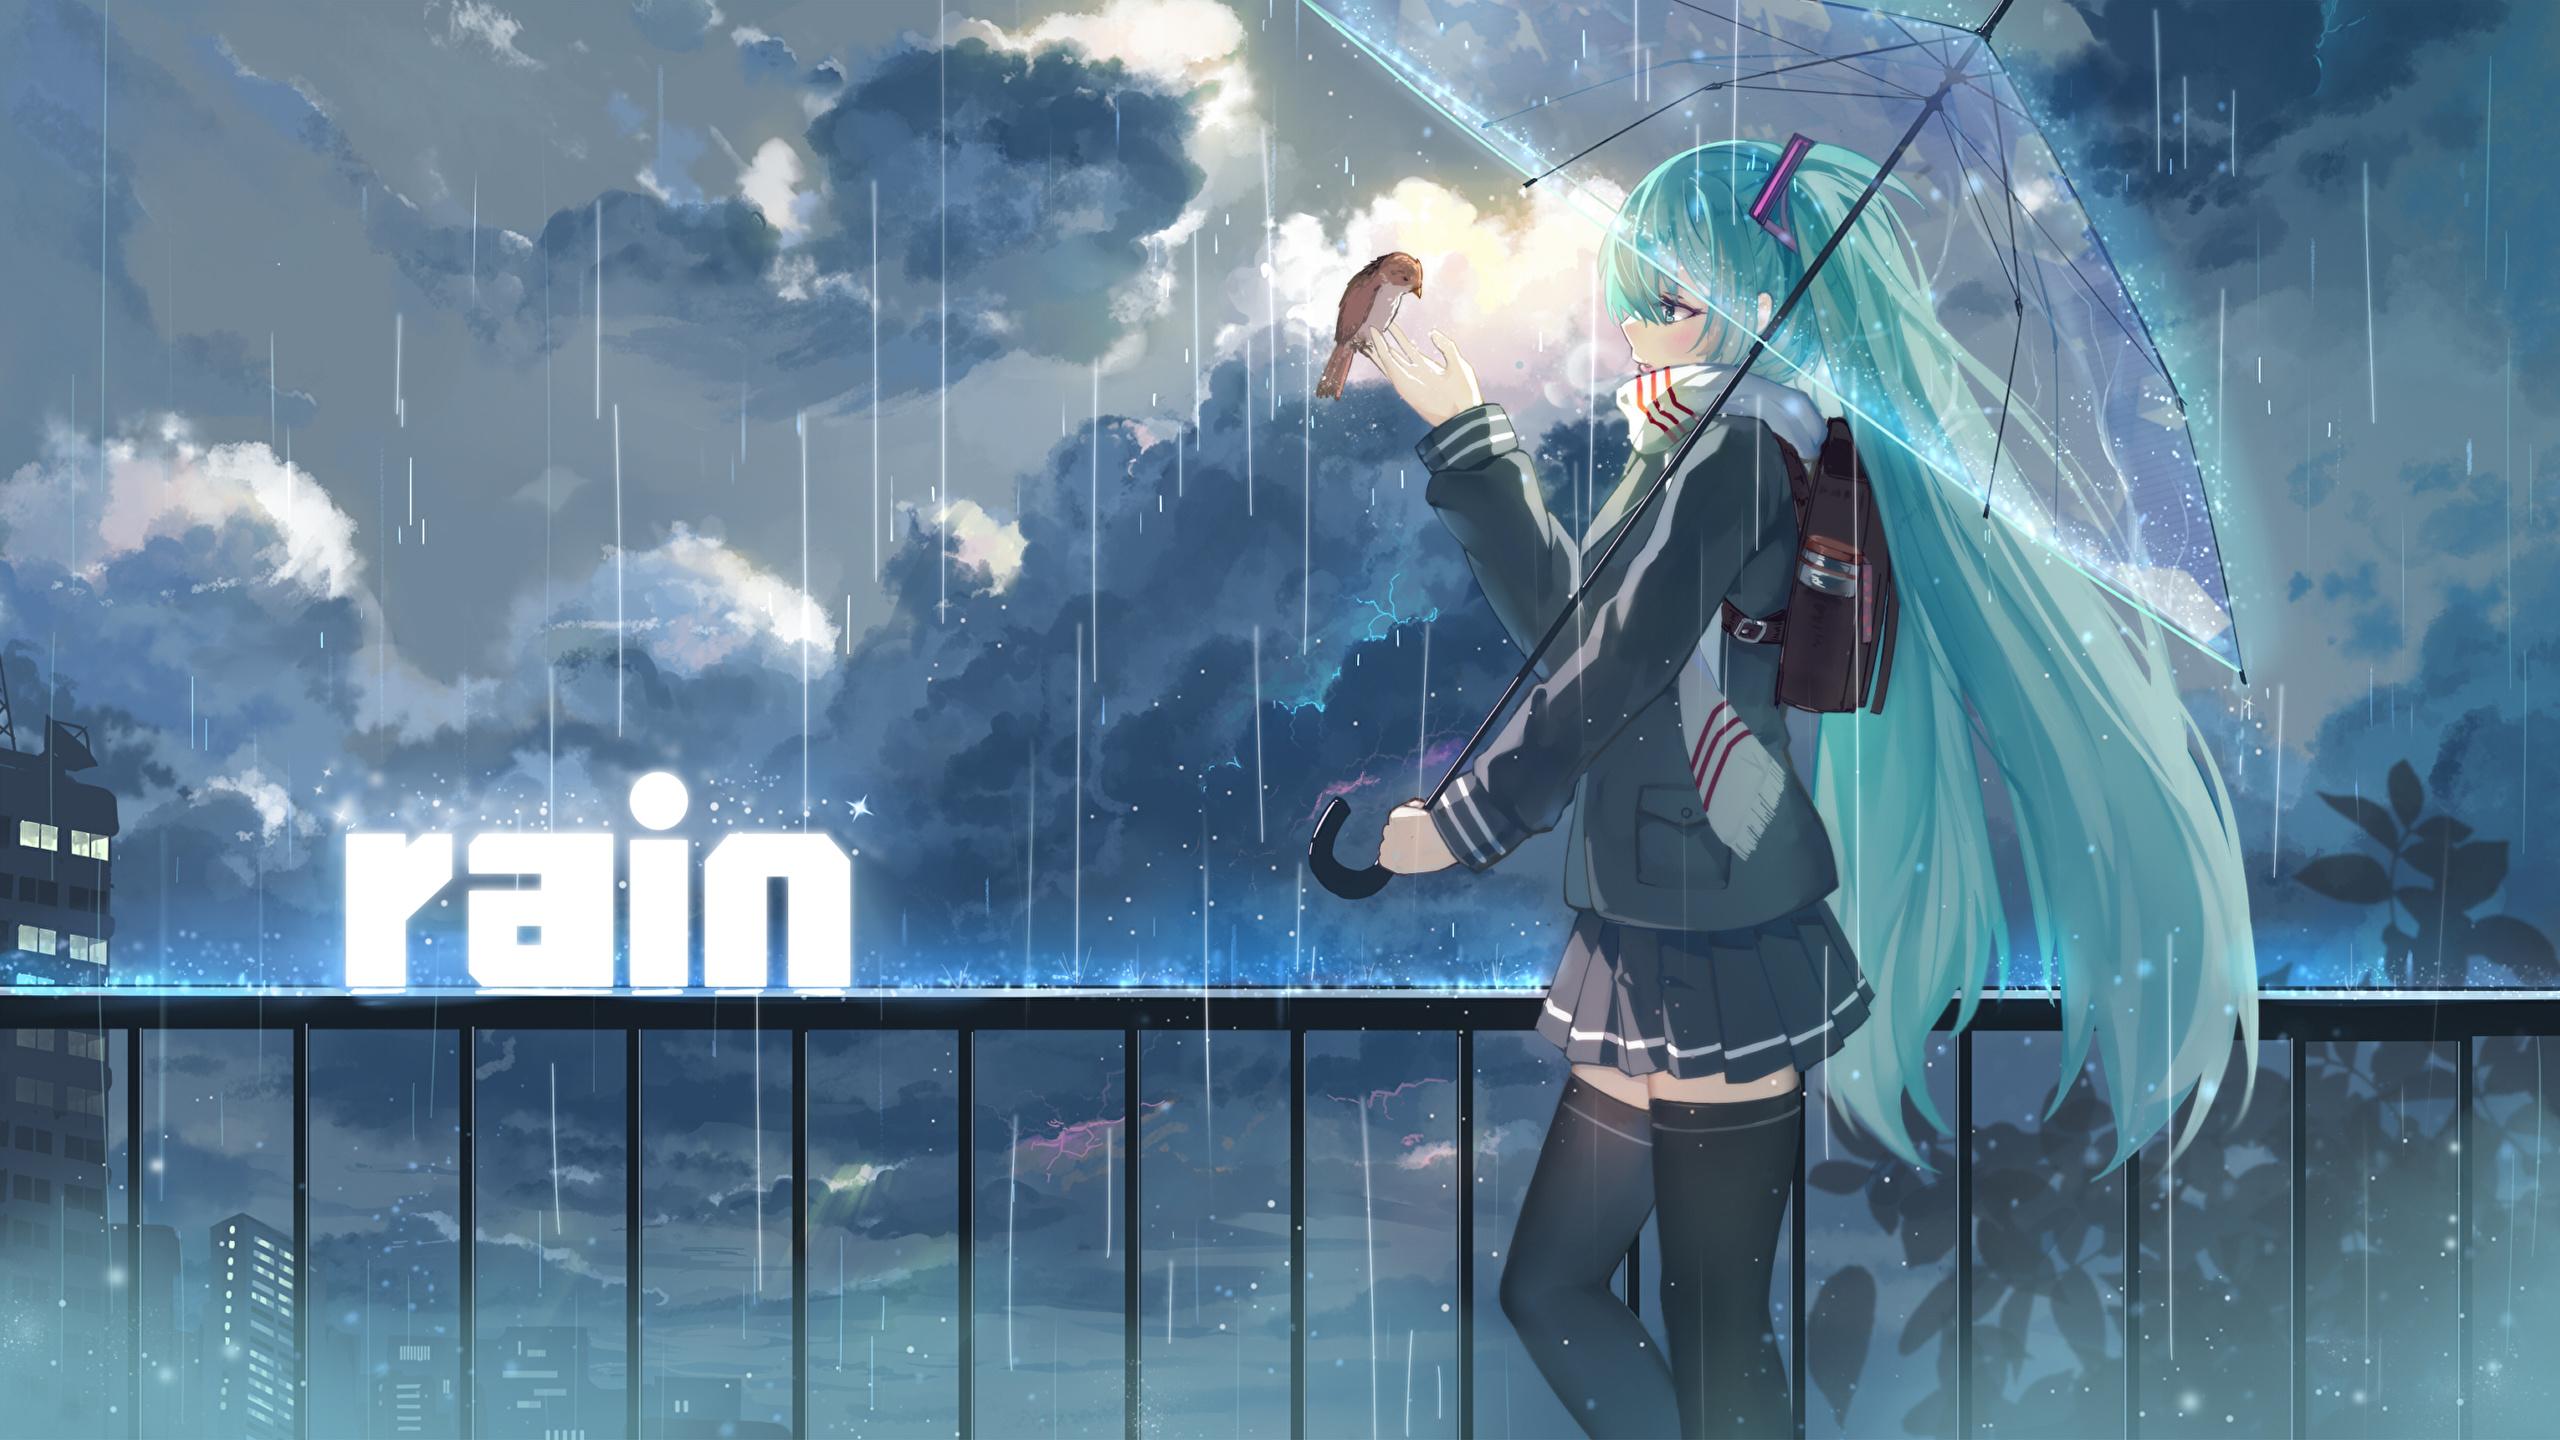 壁紙 2560x1440 ボーカロイド 雨 初音ミク 傘 アニメ ダウンロード 写真